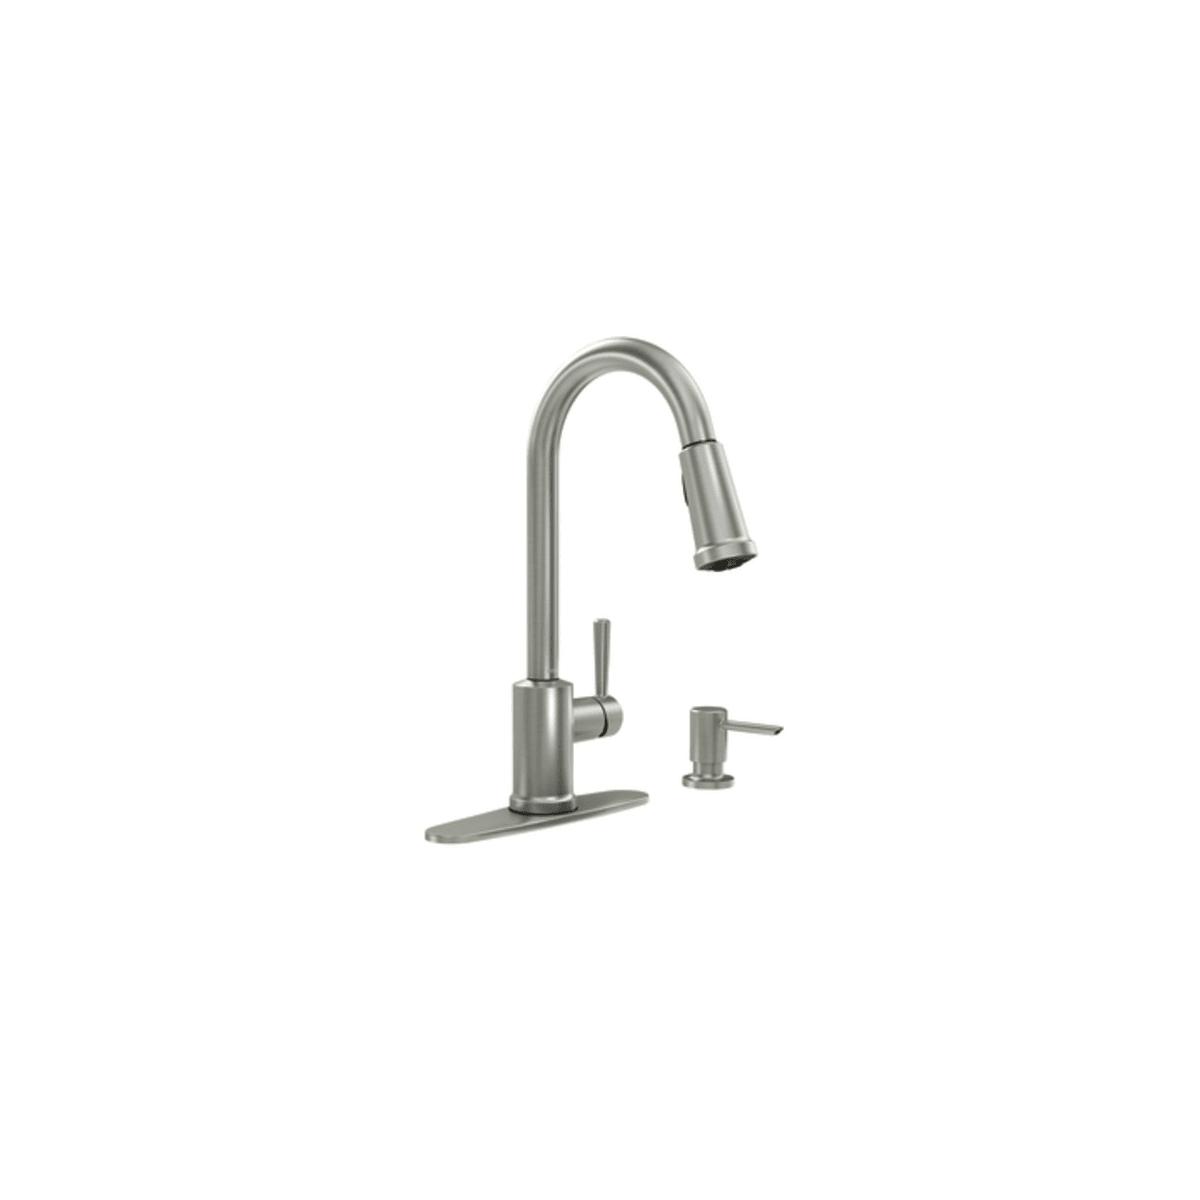 Moen 87090bl Matte Black Indi Pullout Spray High Arc Kitchen Faucet Includes Soap Dispenser Faucet Com